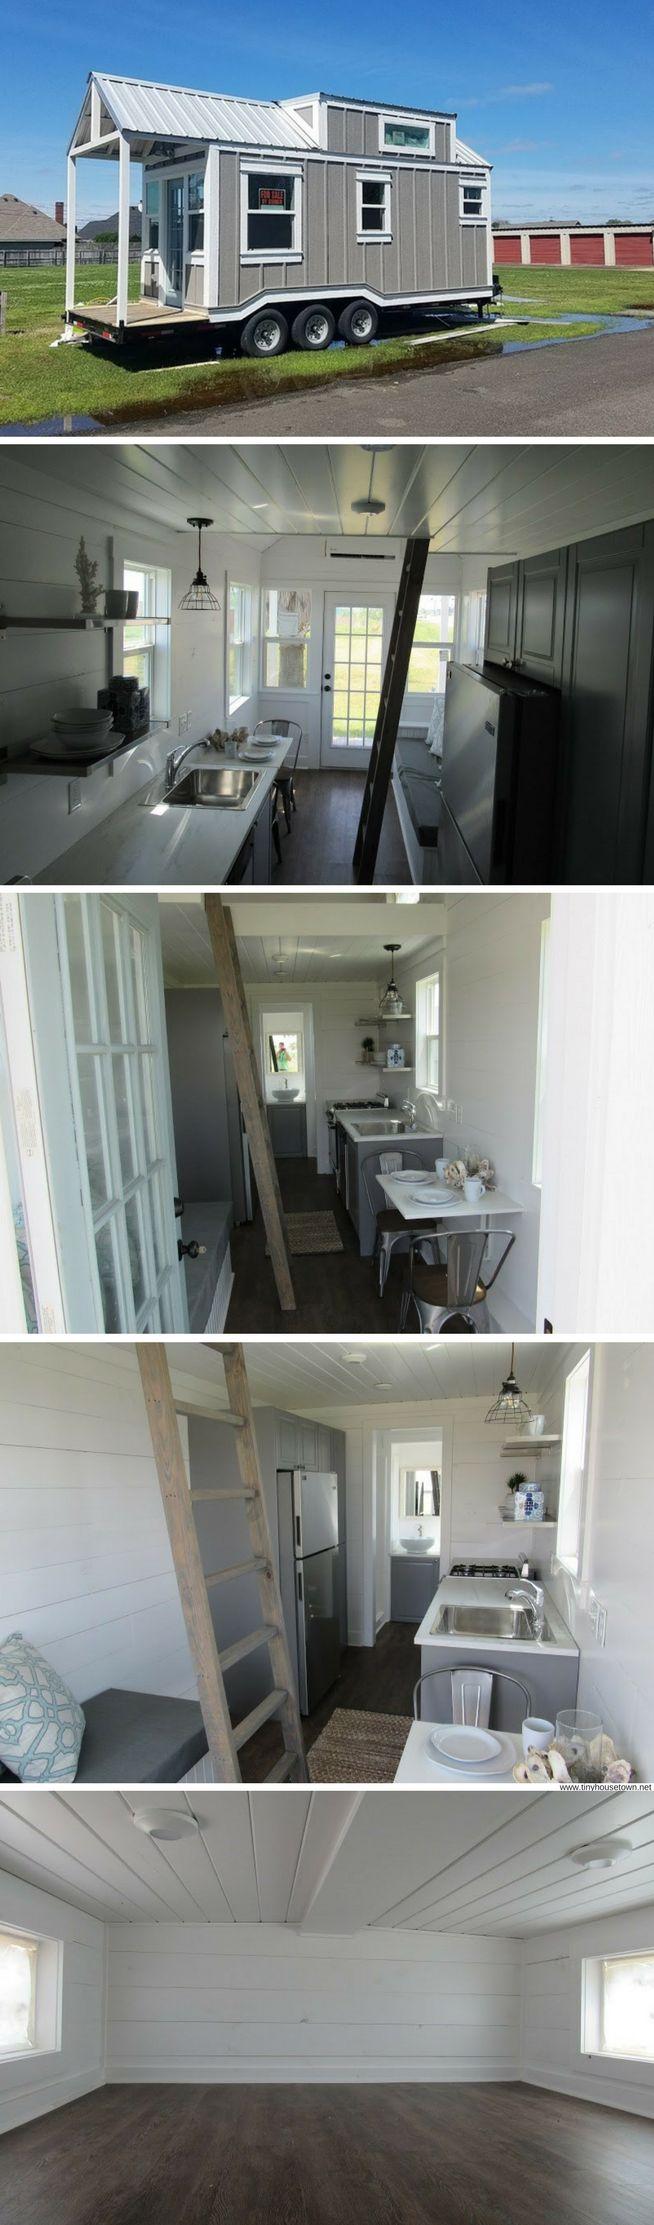 A farmhouse-style tiny home in Lake Jackson, Texas